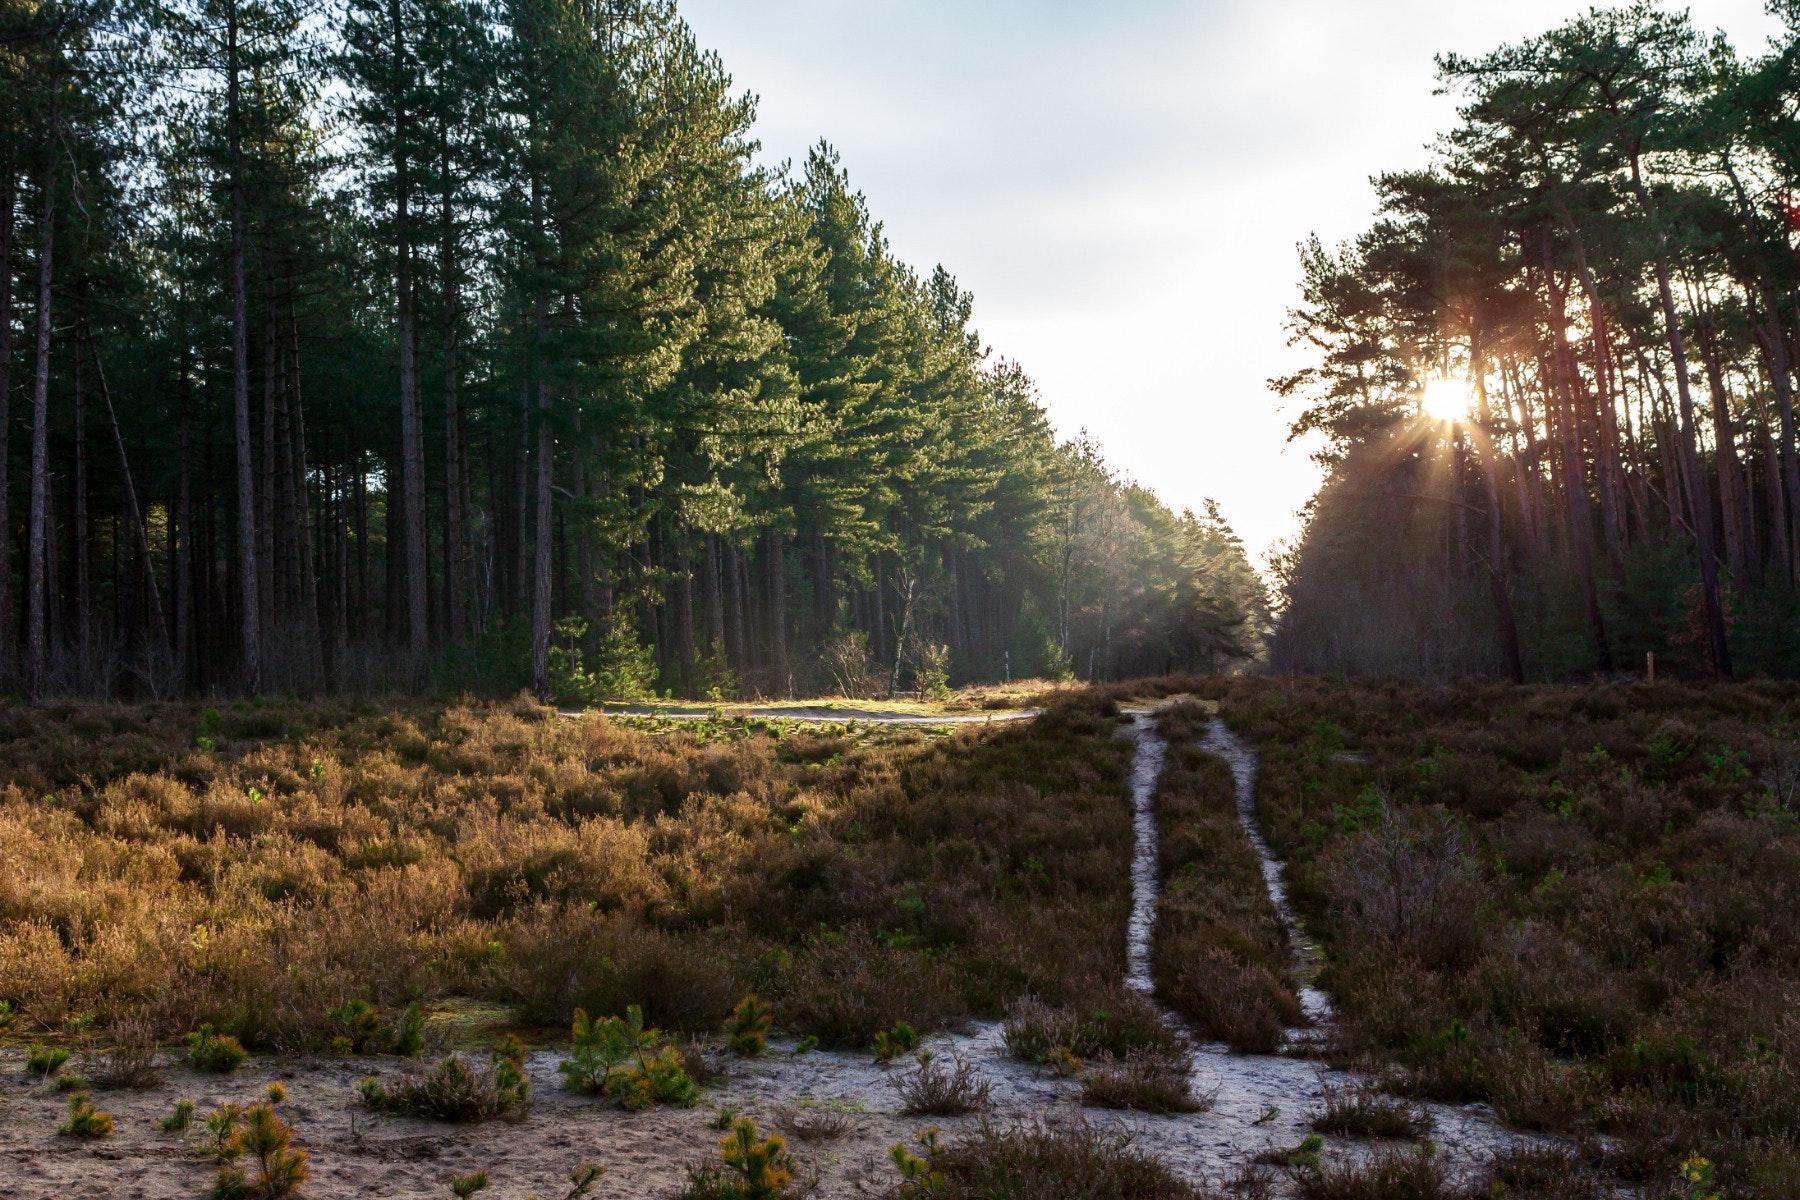 Ochtendgloren in het bos